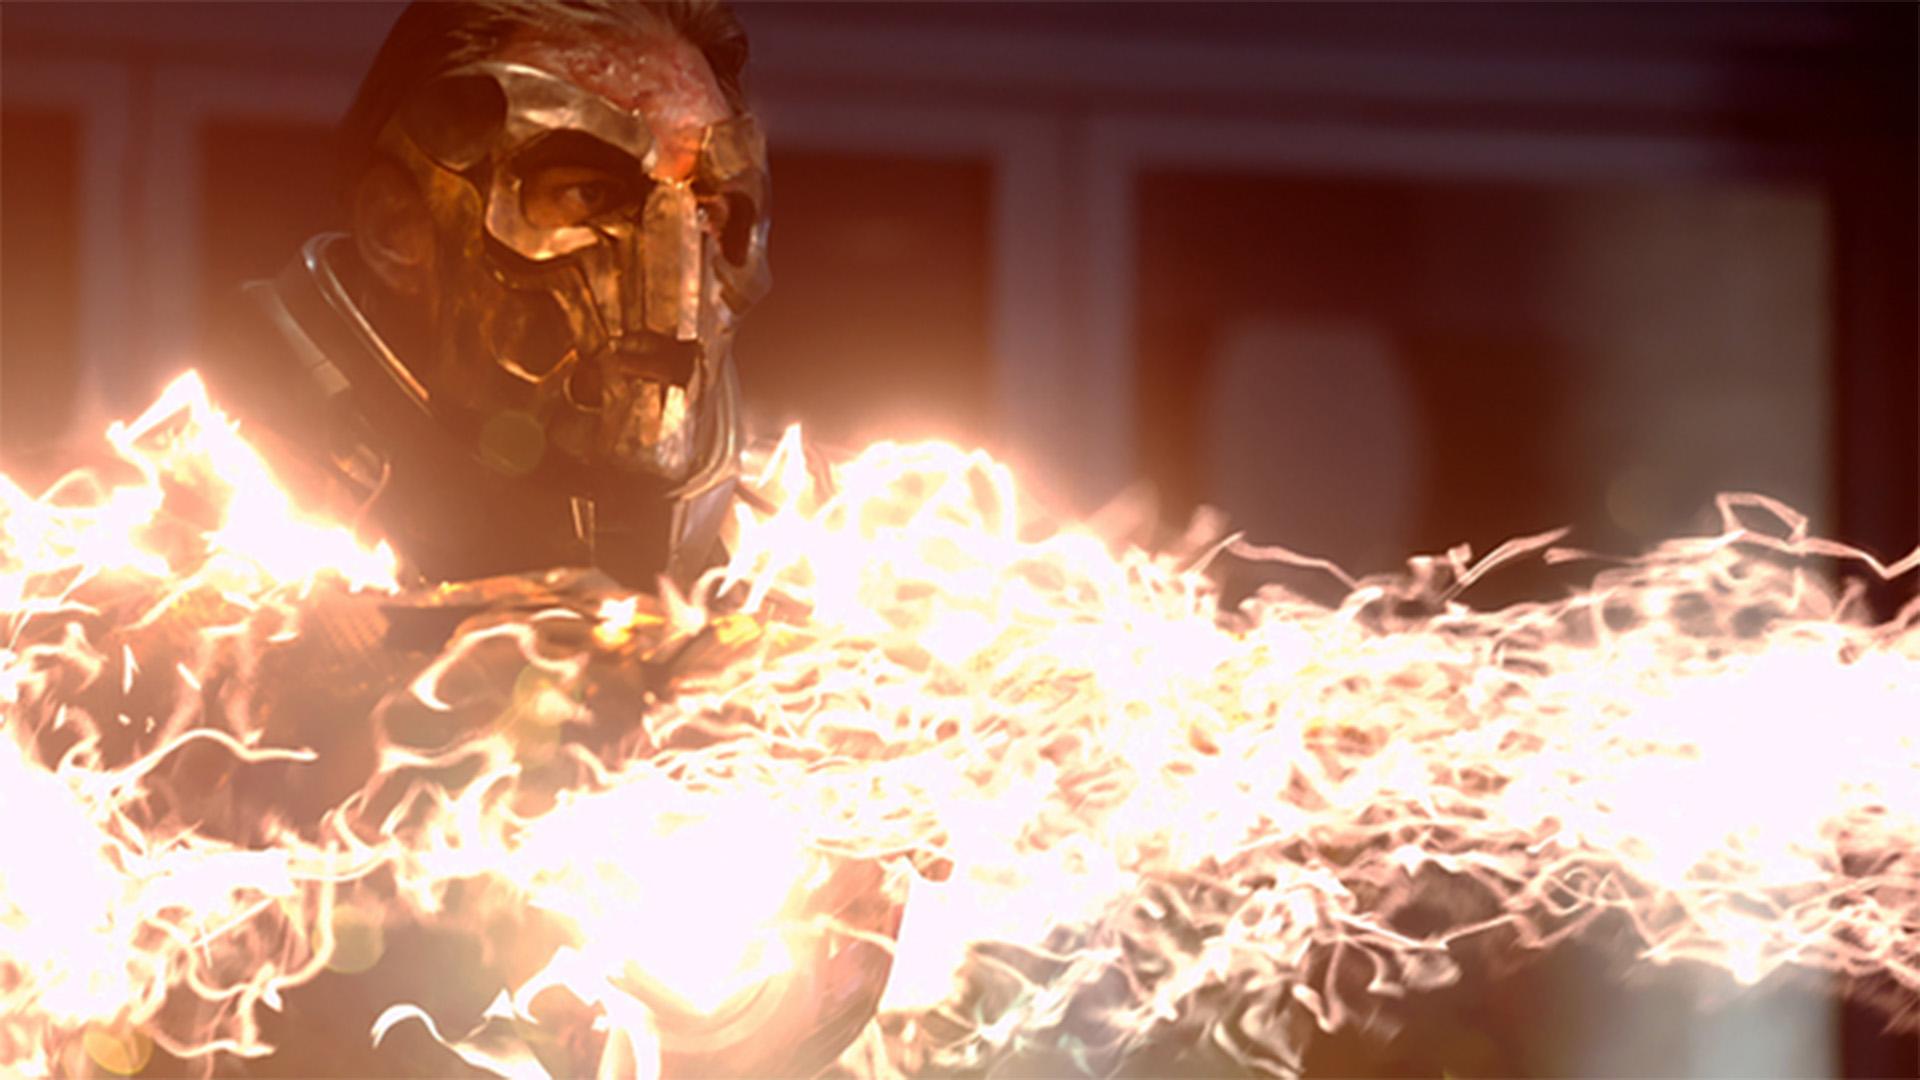 4. Metal mask